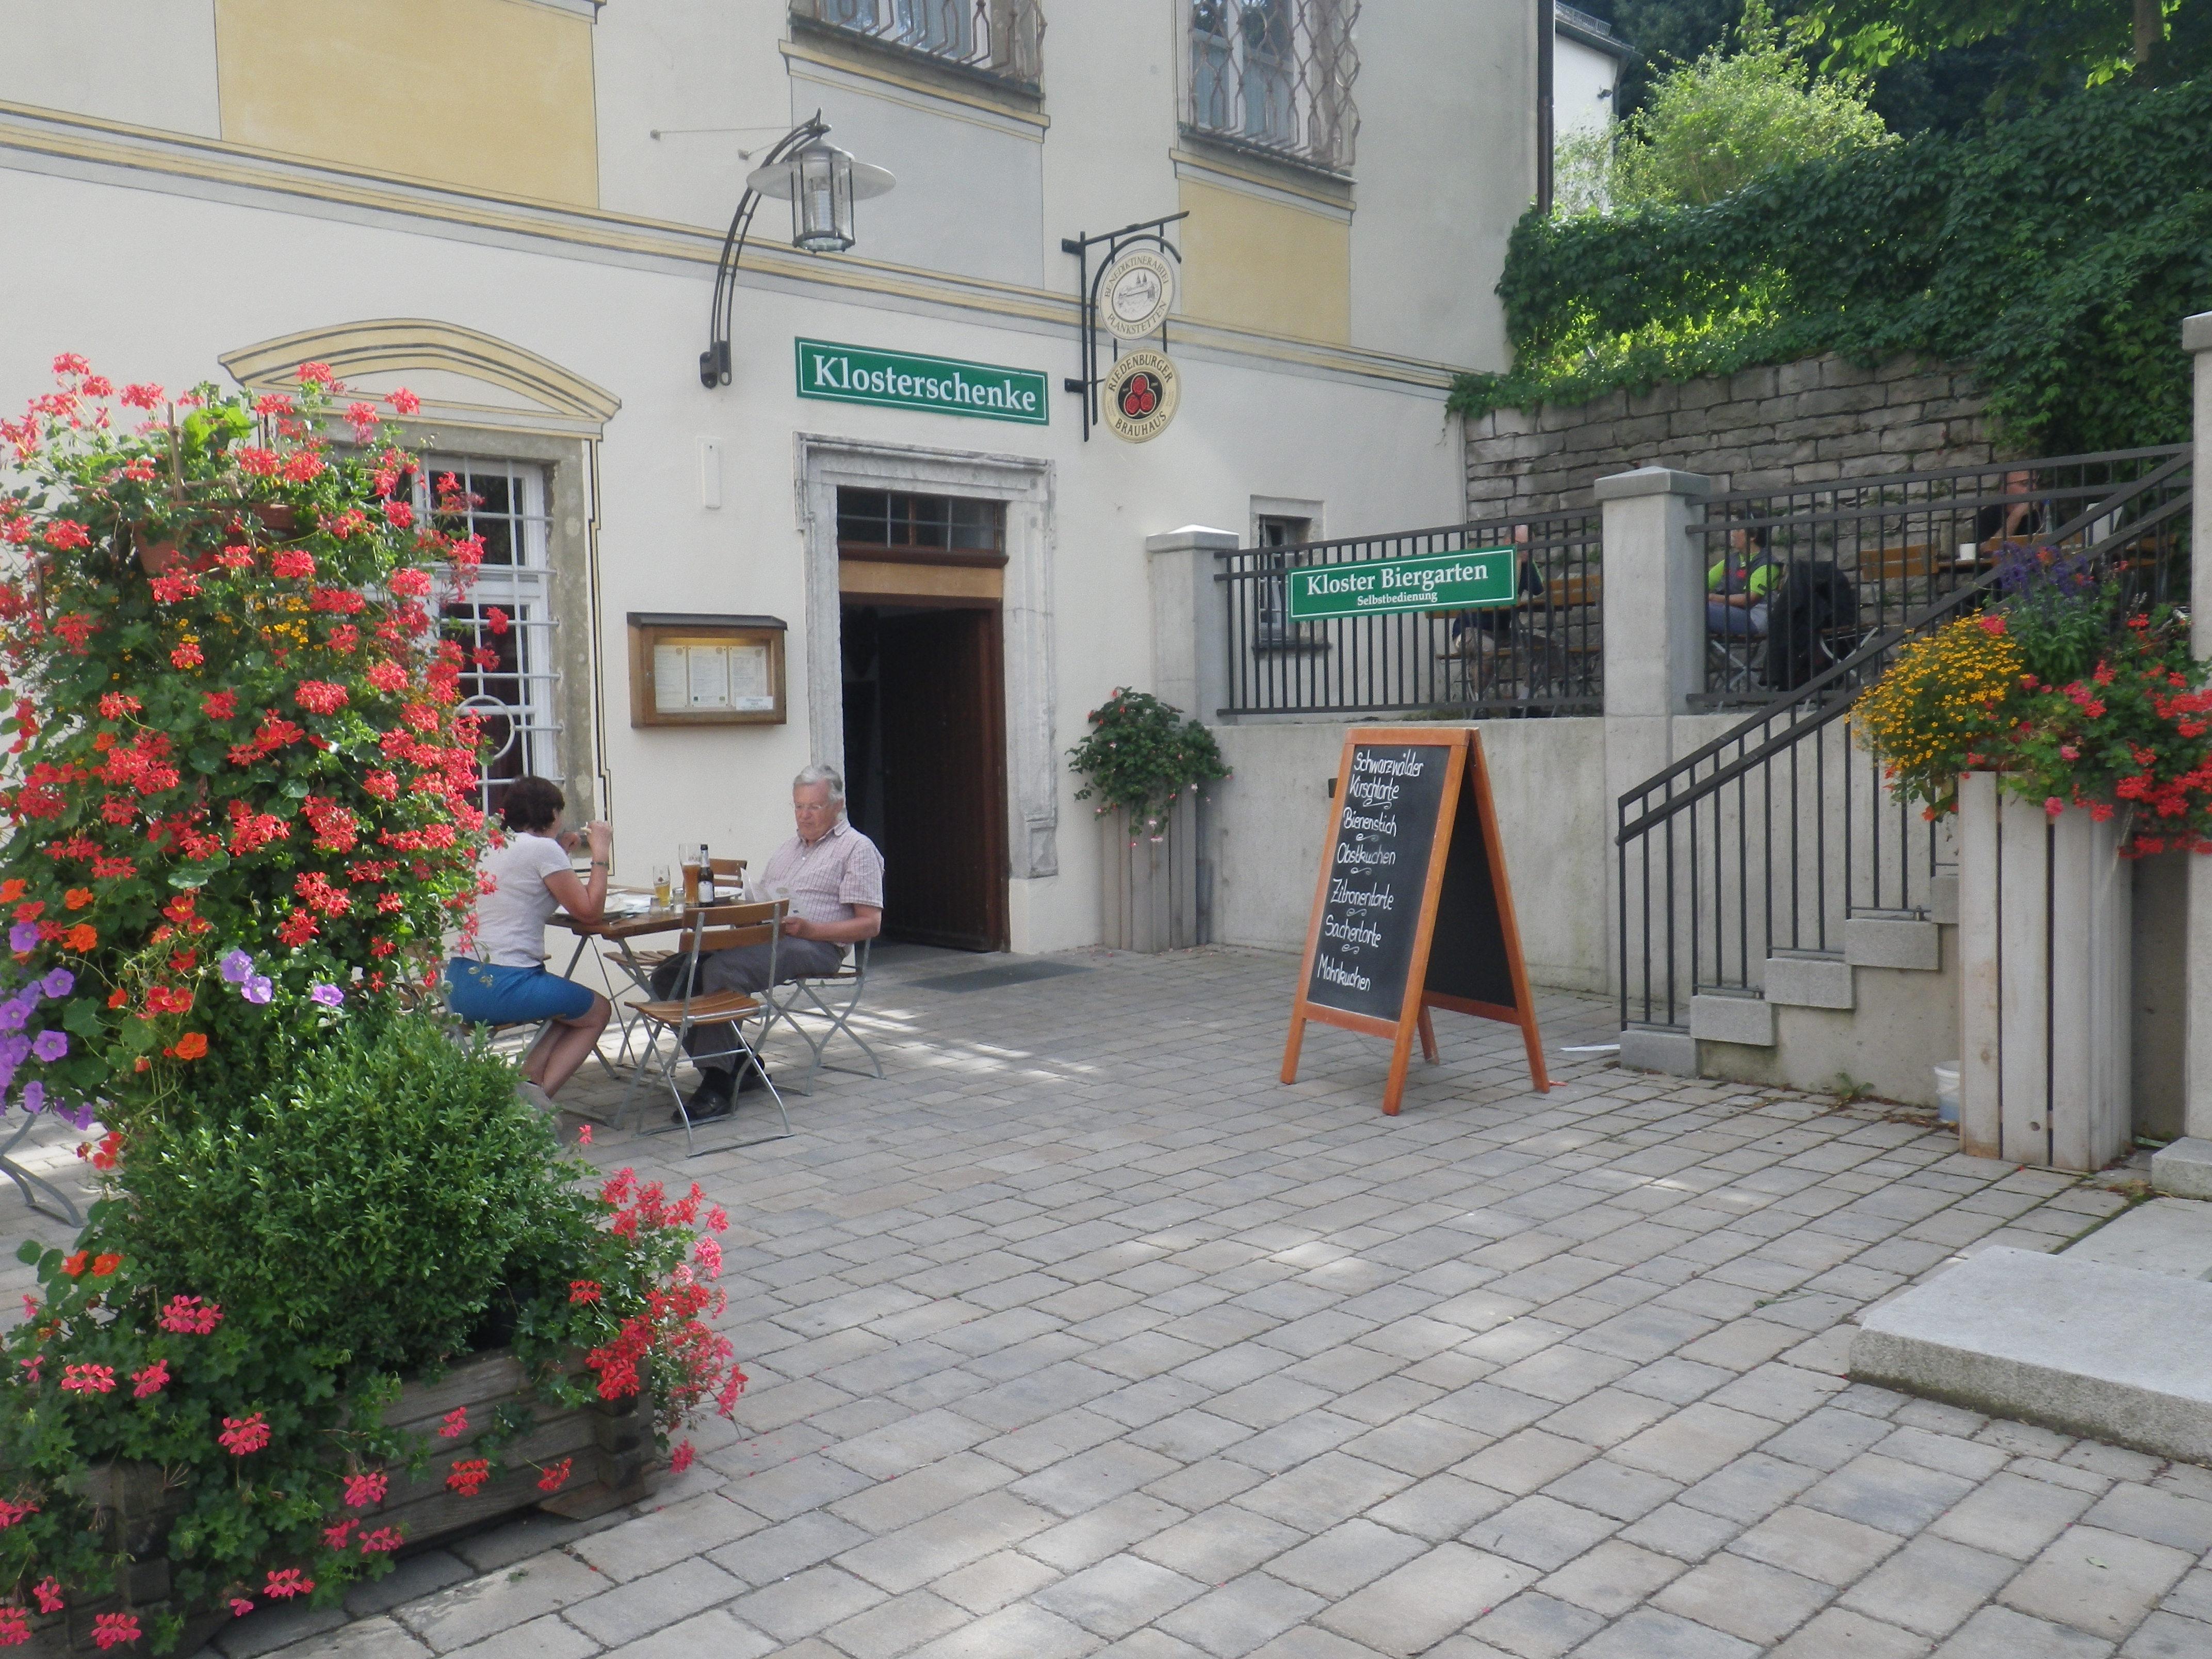 Restaurant Klosterschenke Plankstetten in Berching - Deutsch ...